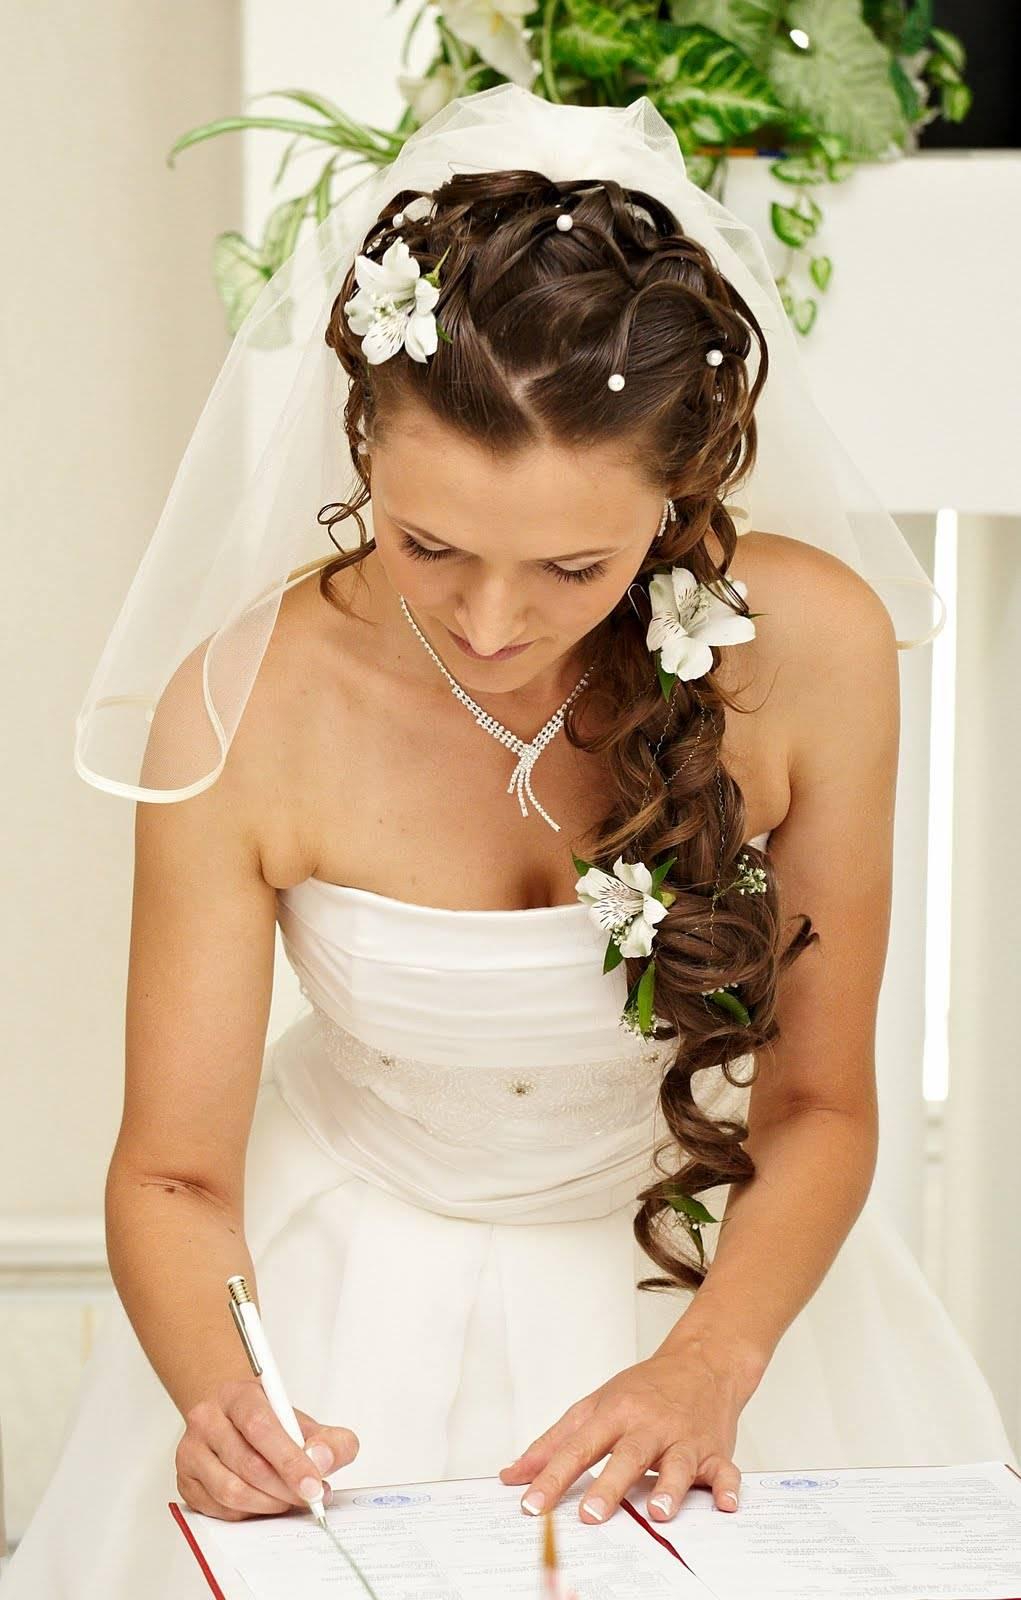 Причёски невесте на свадьбу фото